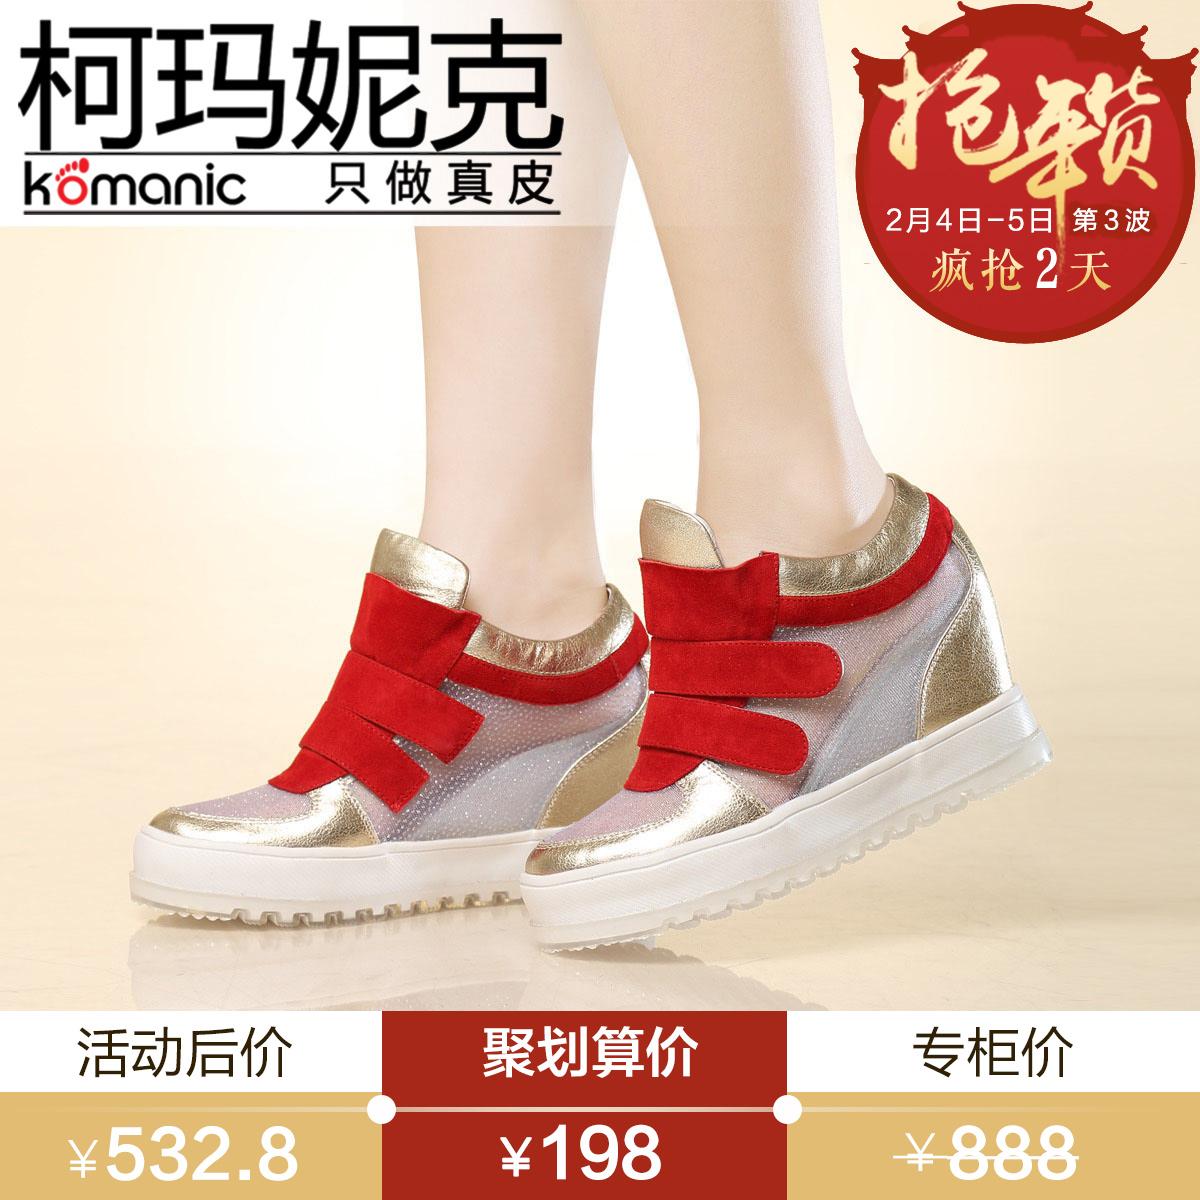 柯玛妮克正品 新款拼色牛皮网纱女鞋 深口内增高休闲鞋K41828